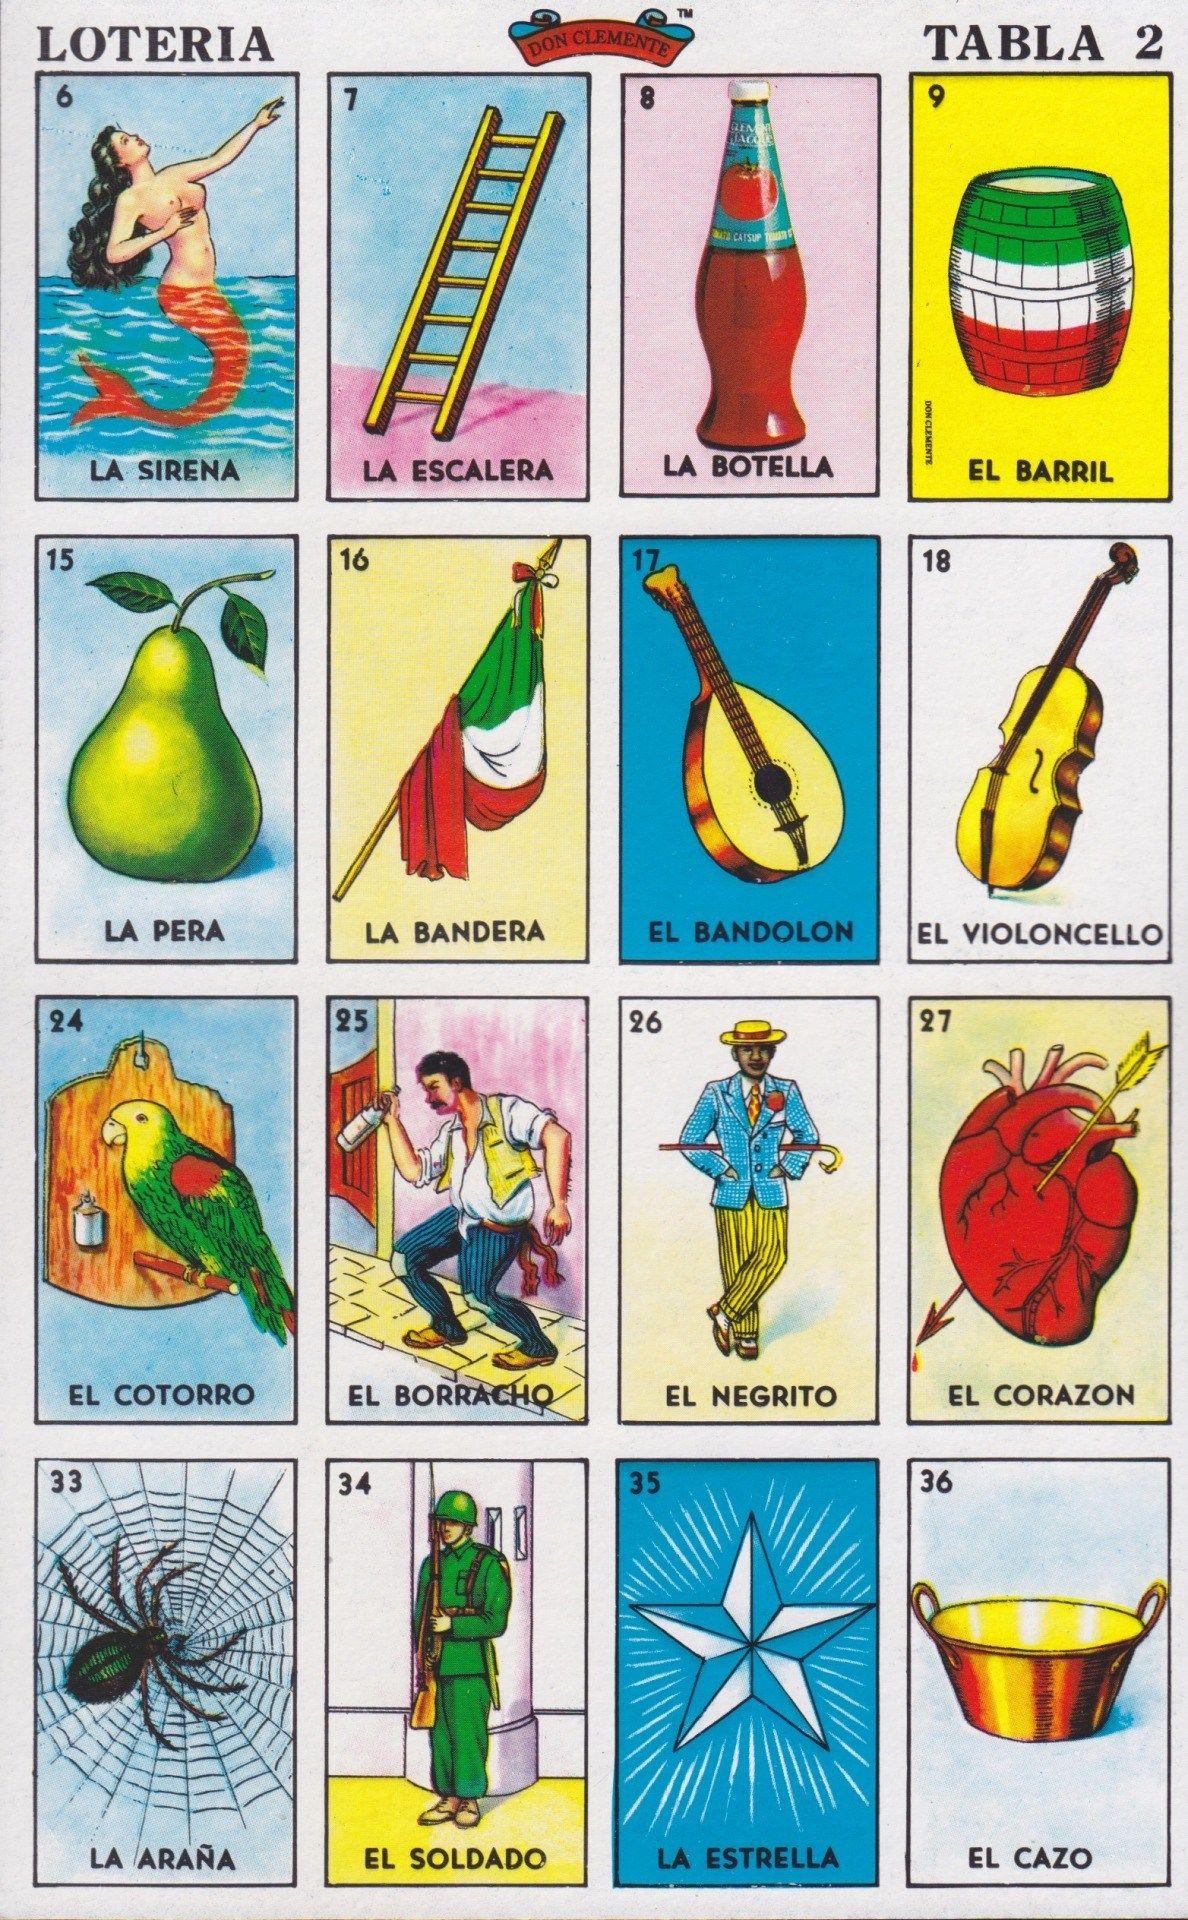 Loteria Mexicana Cartas Para Imprimir | Loteria cards